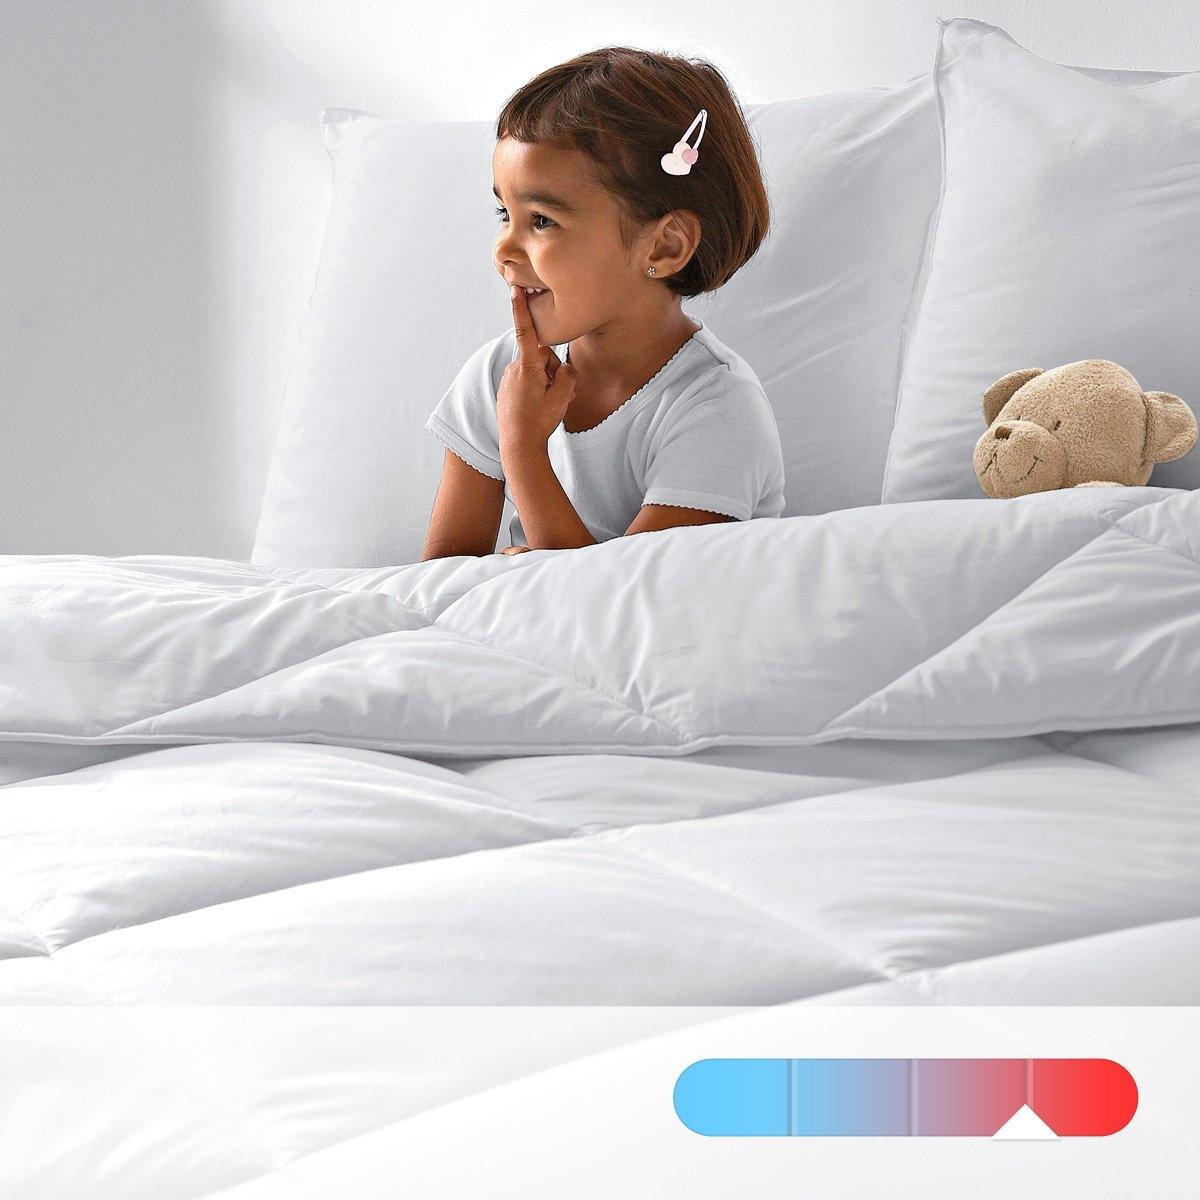 Одеяло LA REDOUTE CREATION, 500 г/м² от La Redoute